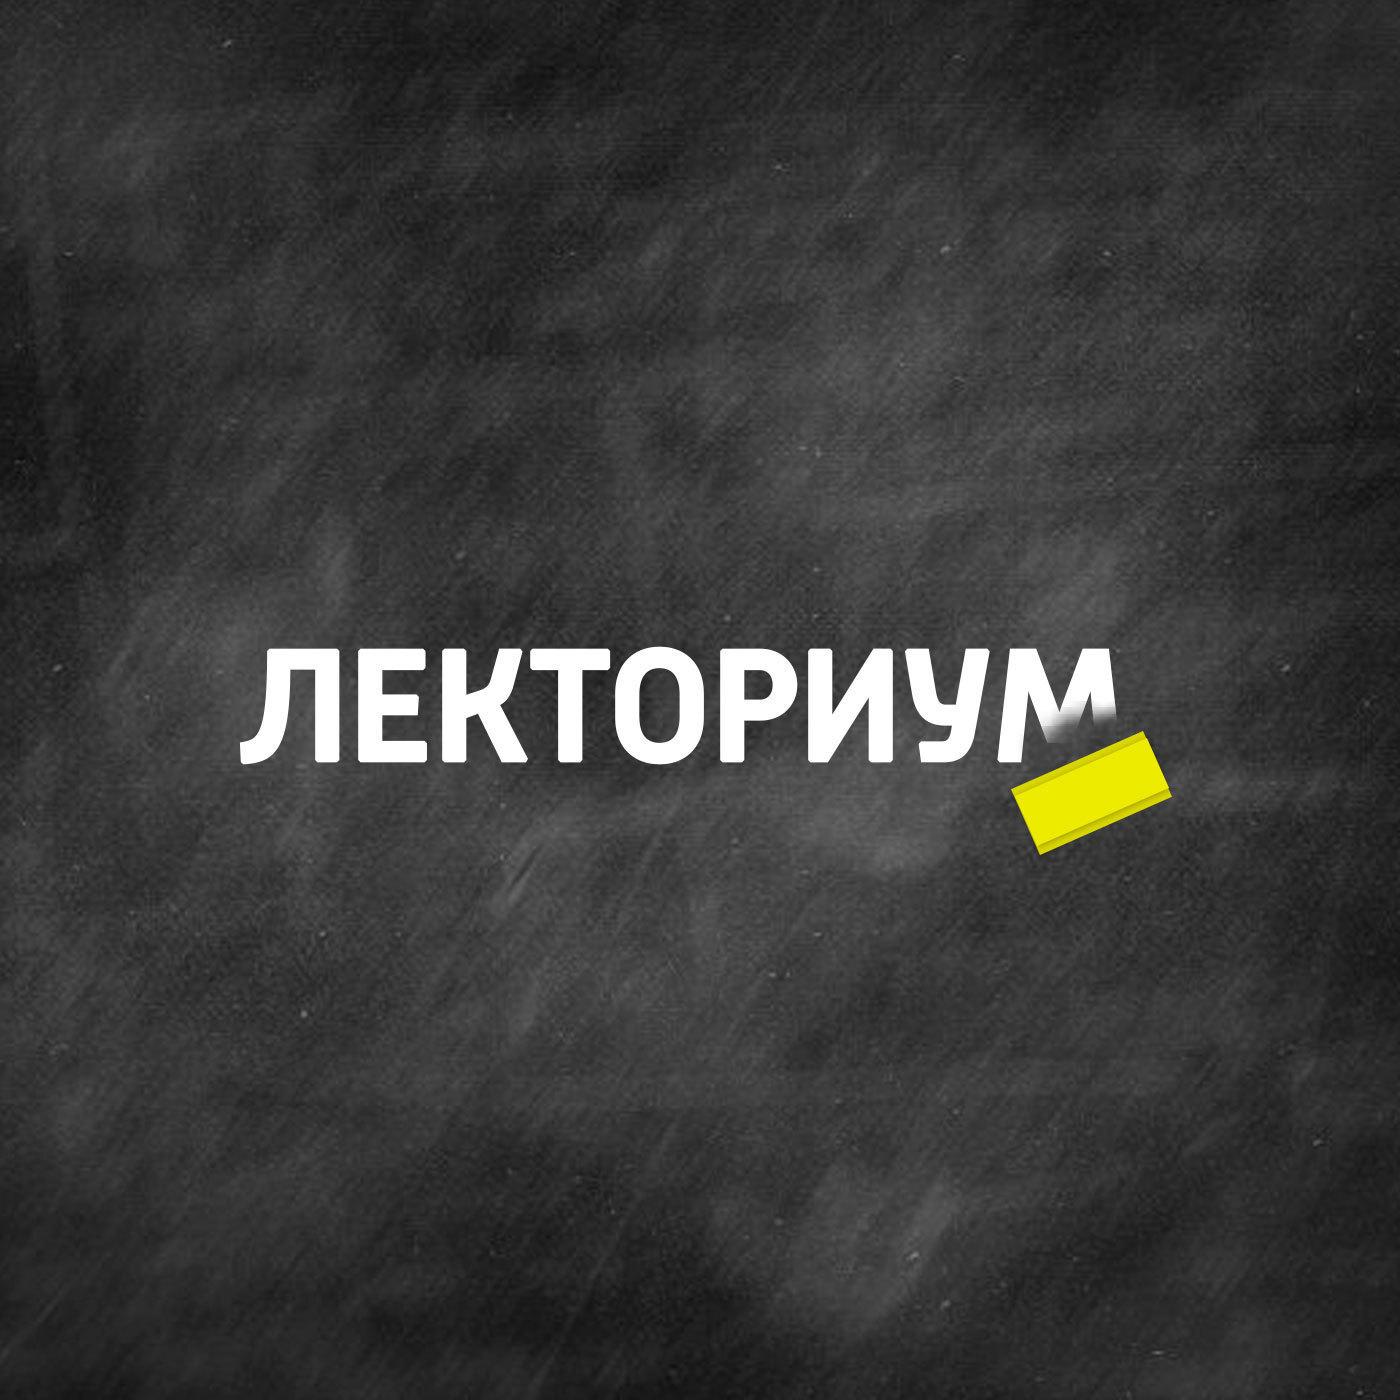 Творческий коллектив шоу «Сергей Стиллавин и его друзья» 100 книг для формирования личности. Часть 3 клёц евгений время тьмы источник скверны